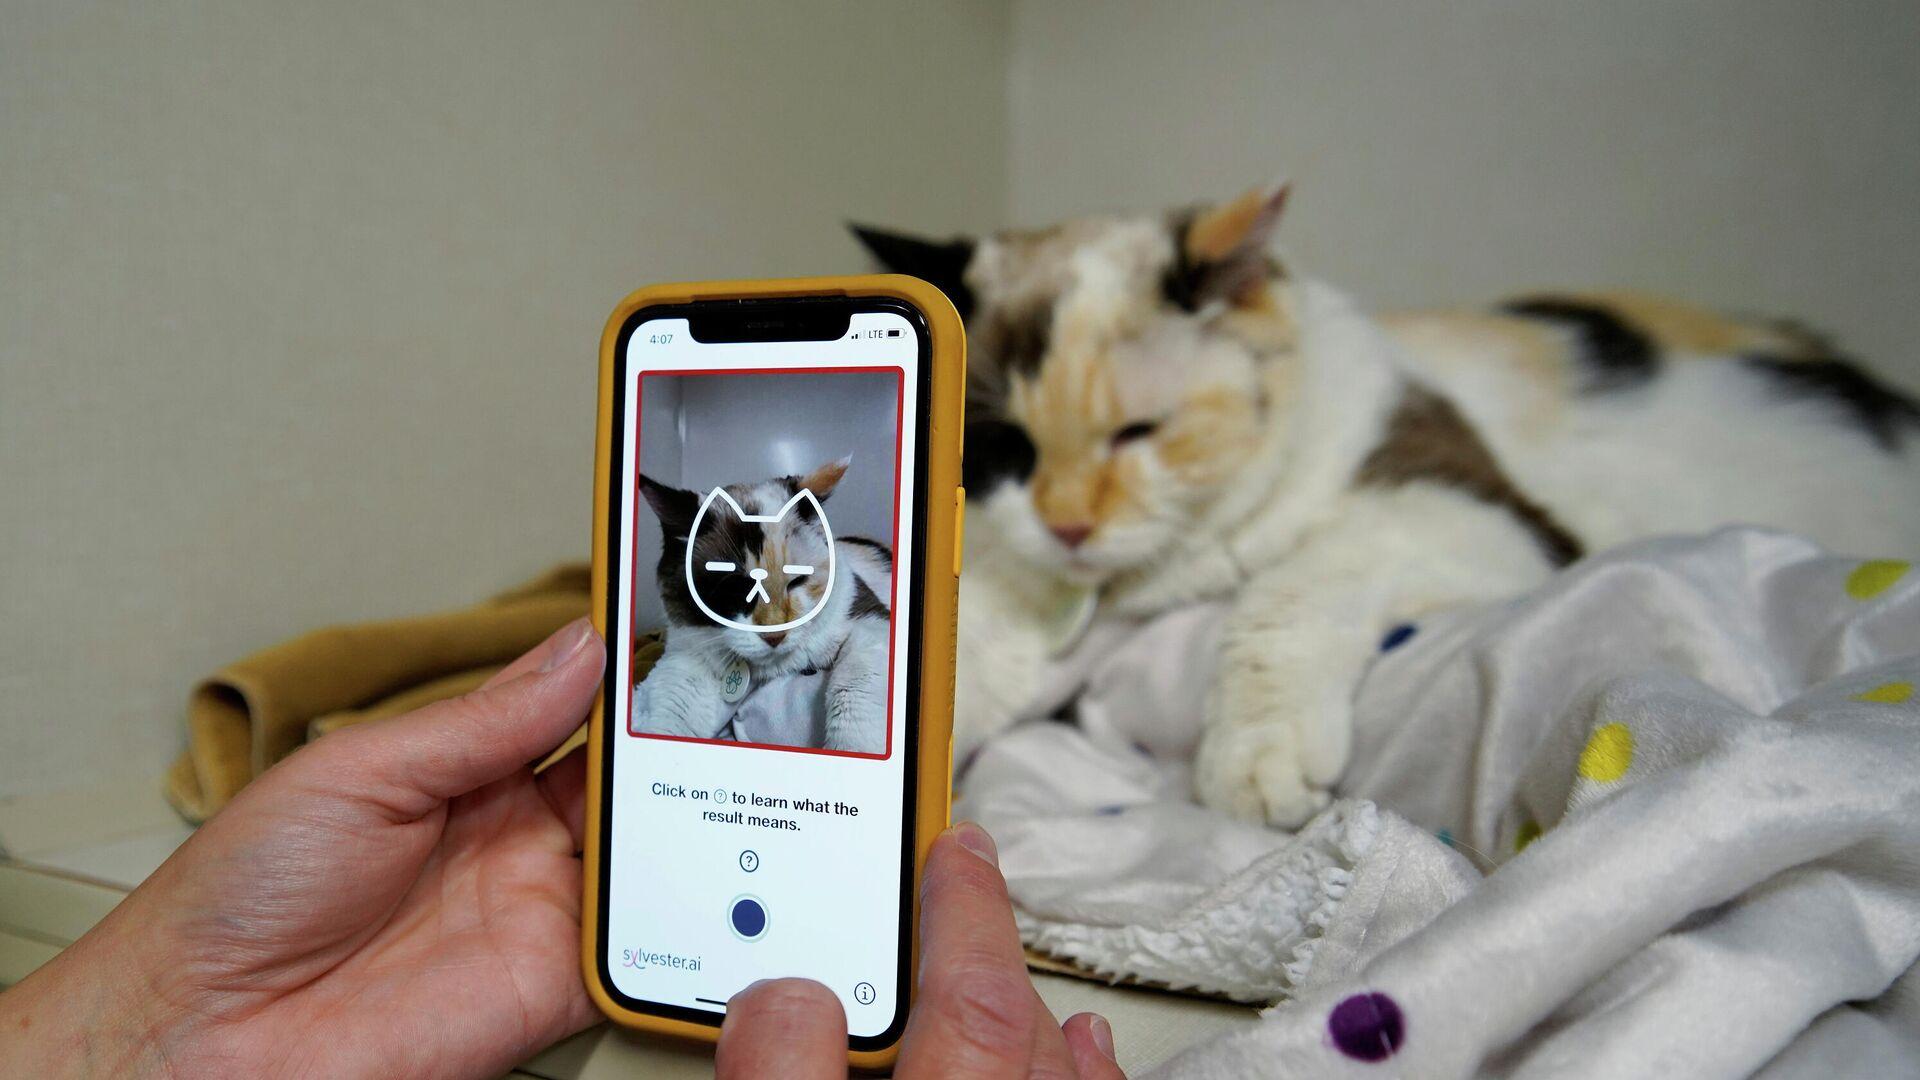 Una veterinaria utiliza la aplicación Tably - Sputnik Mundo, 1920, 28.07.2021